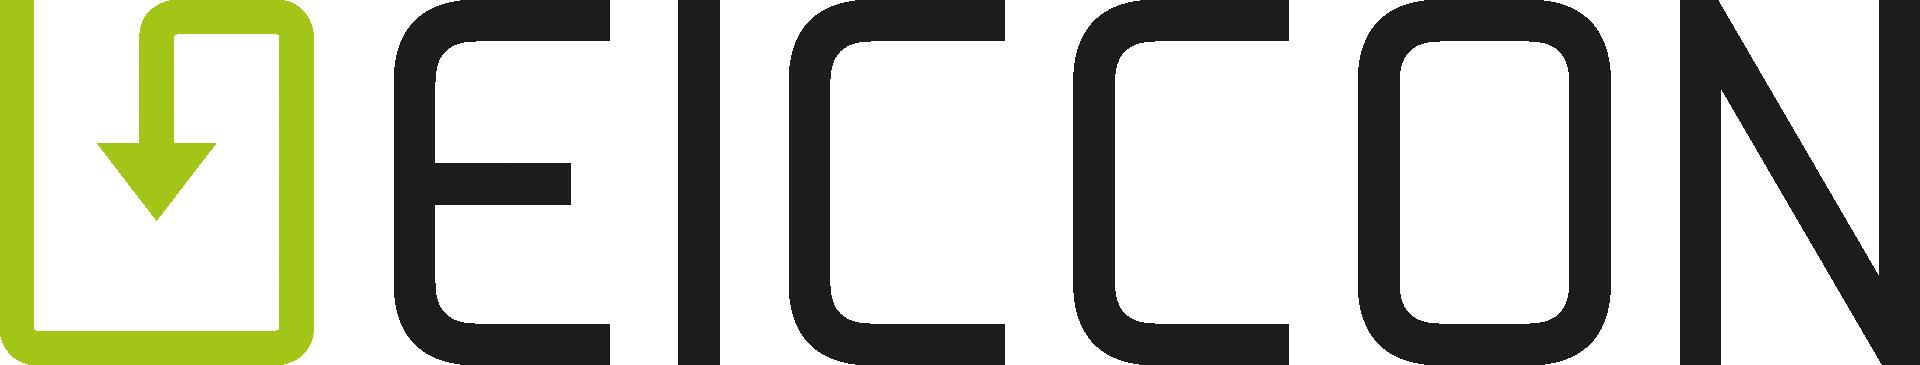 EICCON